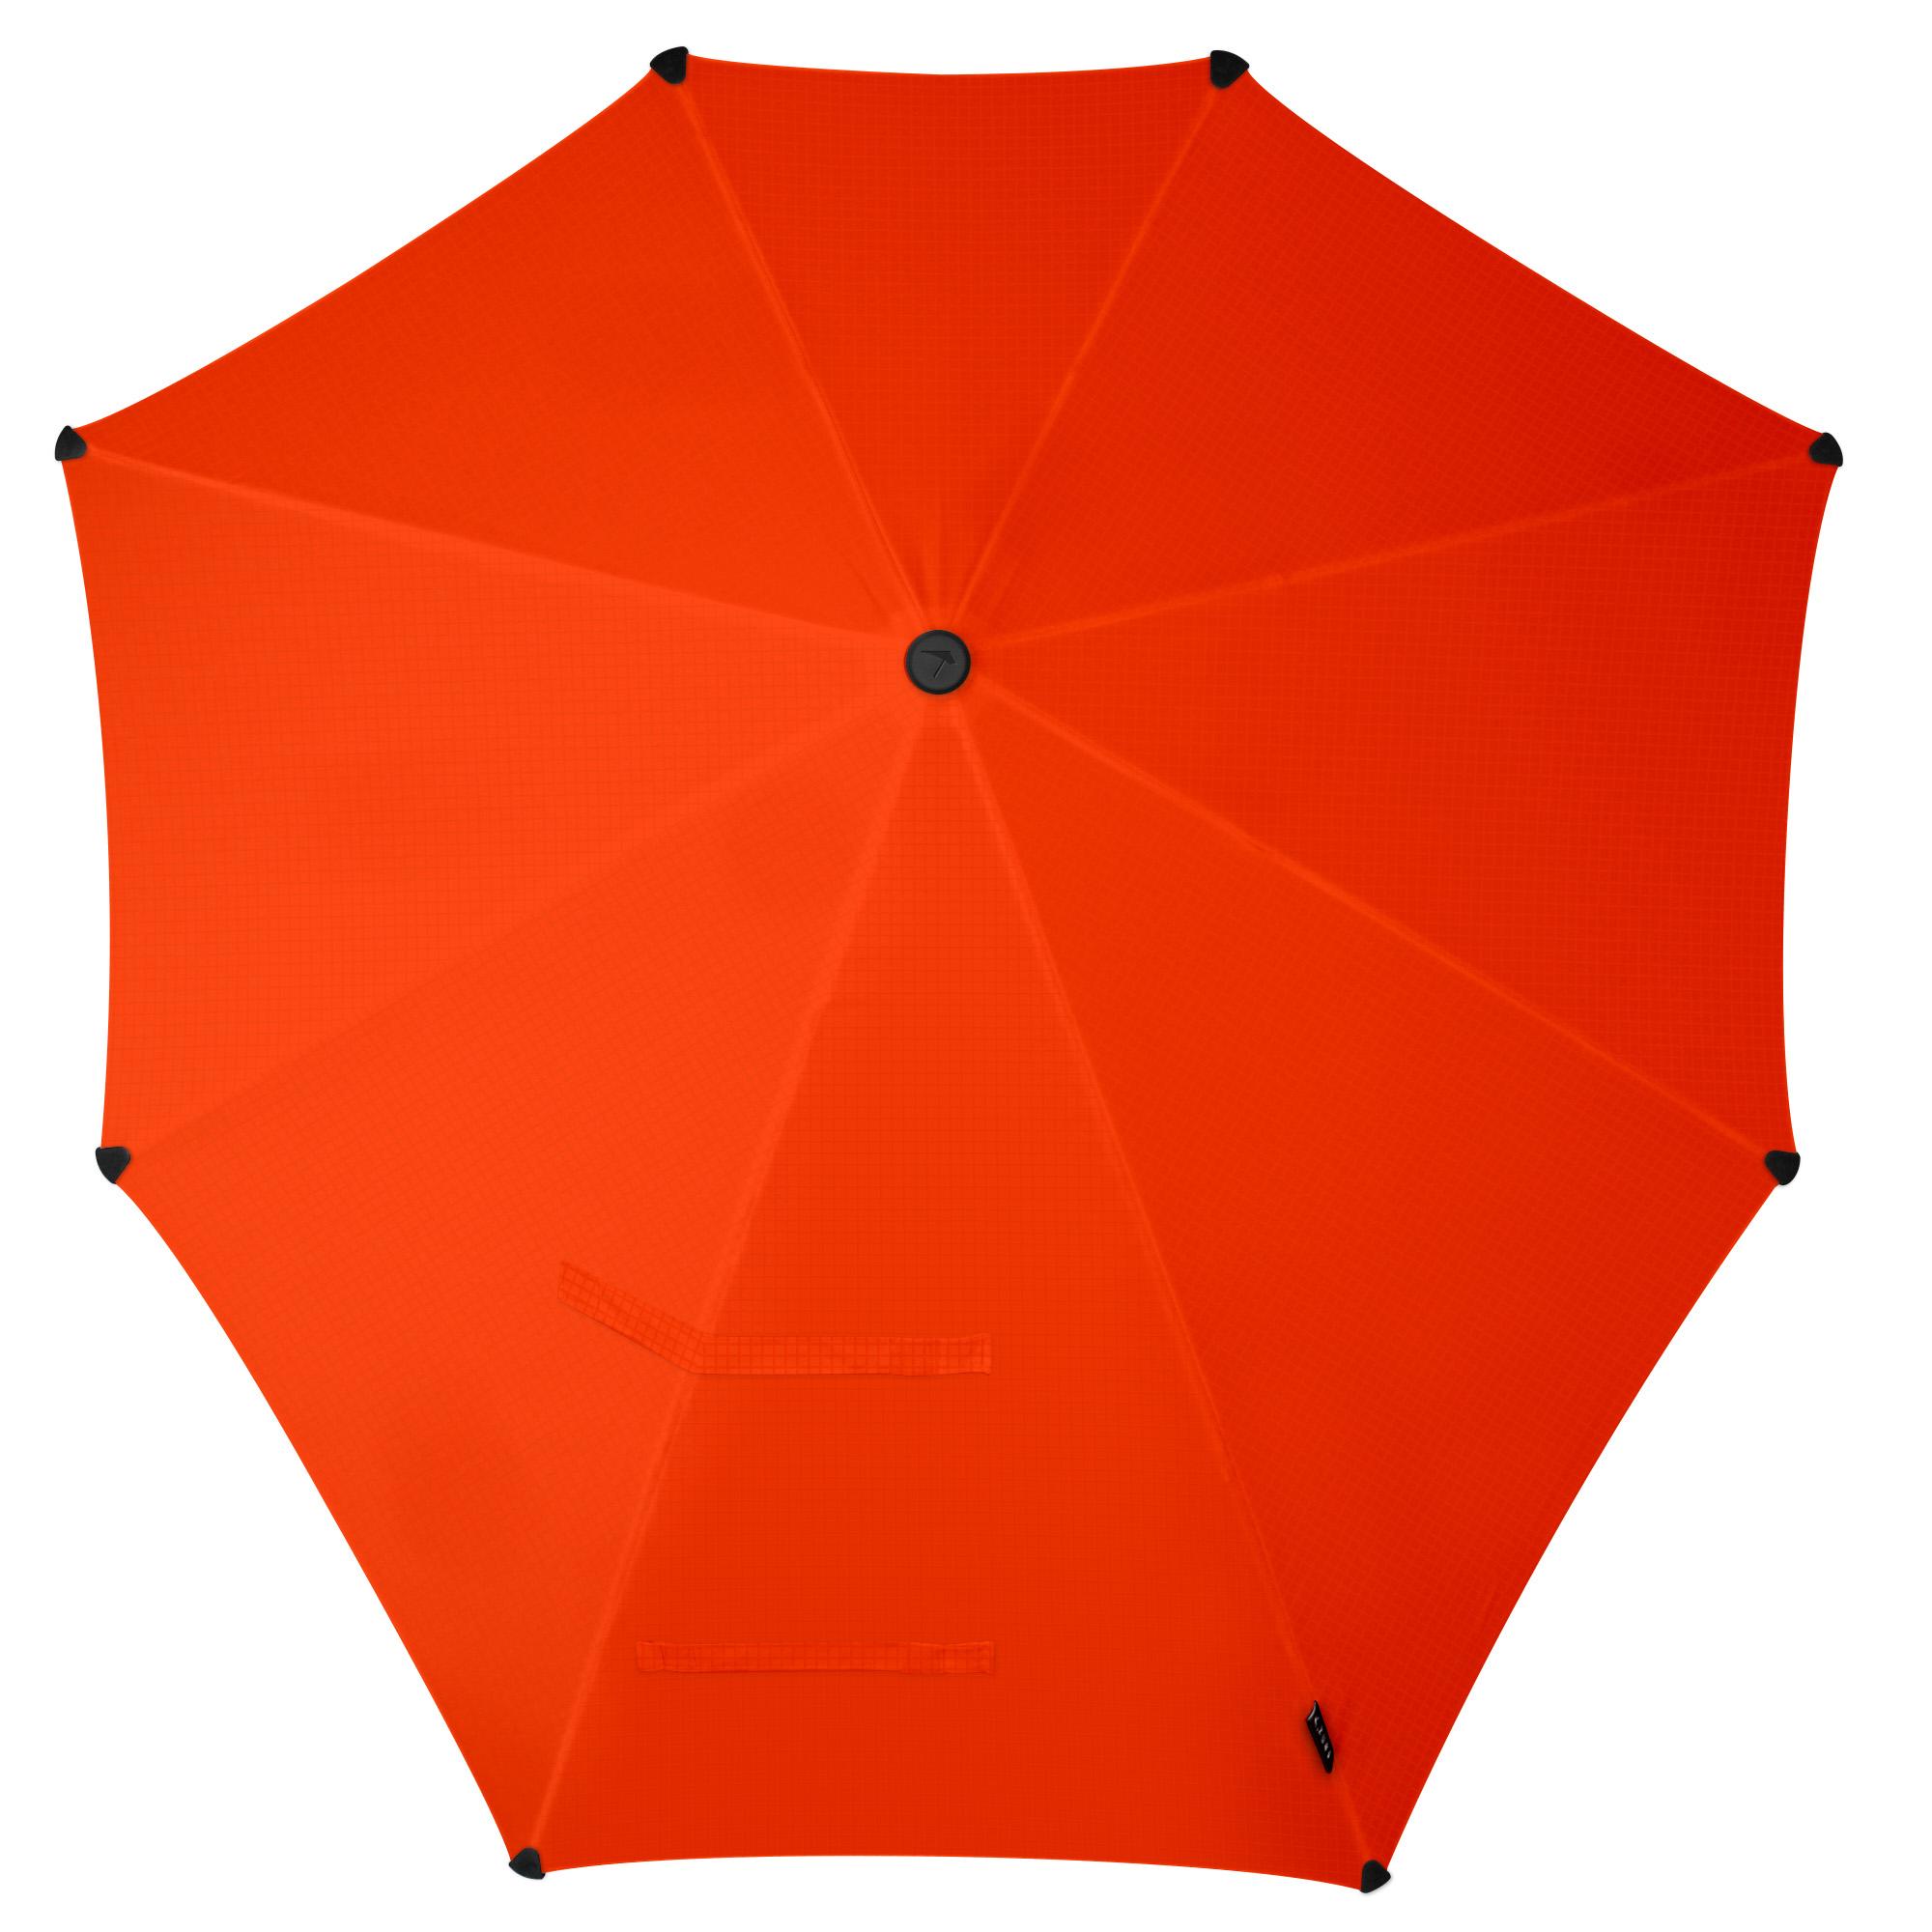 Зонт-трость Senz, цвет: оранжевый. 2011069REM12-GREYЗонт-трость Senz - инновационный противоштормовый зонт, выдерживающий любую непогоду. Форма купола продумана так, что вы легко найдете самое удобное положение на ветру - без паники и без борьбы со стихией. Закрывает спину от дождя. Благодаря своей усовершенствованной конструкции, зонт не выворачивается наизнанку даже при сильном ветре. Модель Senz Original выдержала испытания в аэротрубе со скоростью ветра 100 км/ч.Характеристики: тип - трость, выдерживает порывы ветра до 100 км/ч, УФ-защита 50+, удобная мягкая ручка, безопасные колпачки на кончиках спиц, в комплекте прочный чехол из плотной ткани с лямкой на плечо, гарантия 2 года.